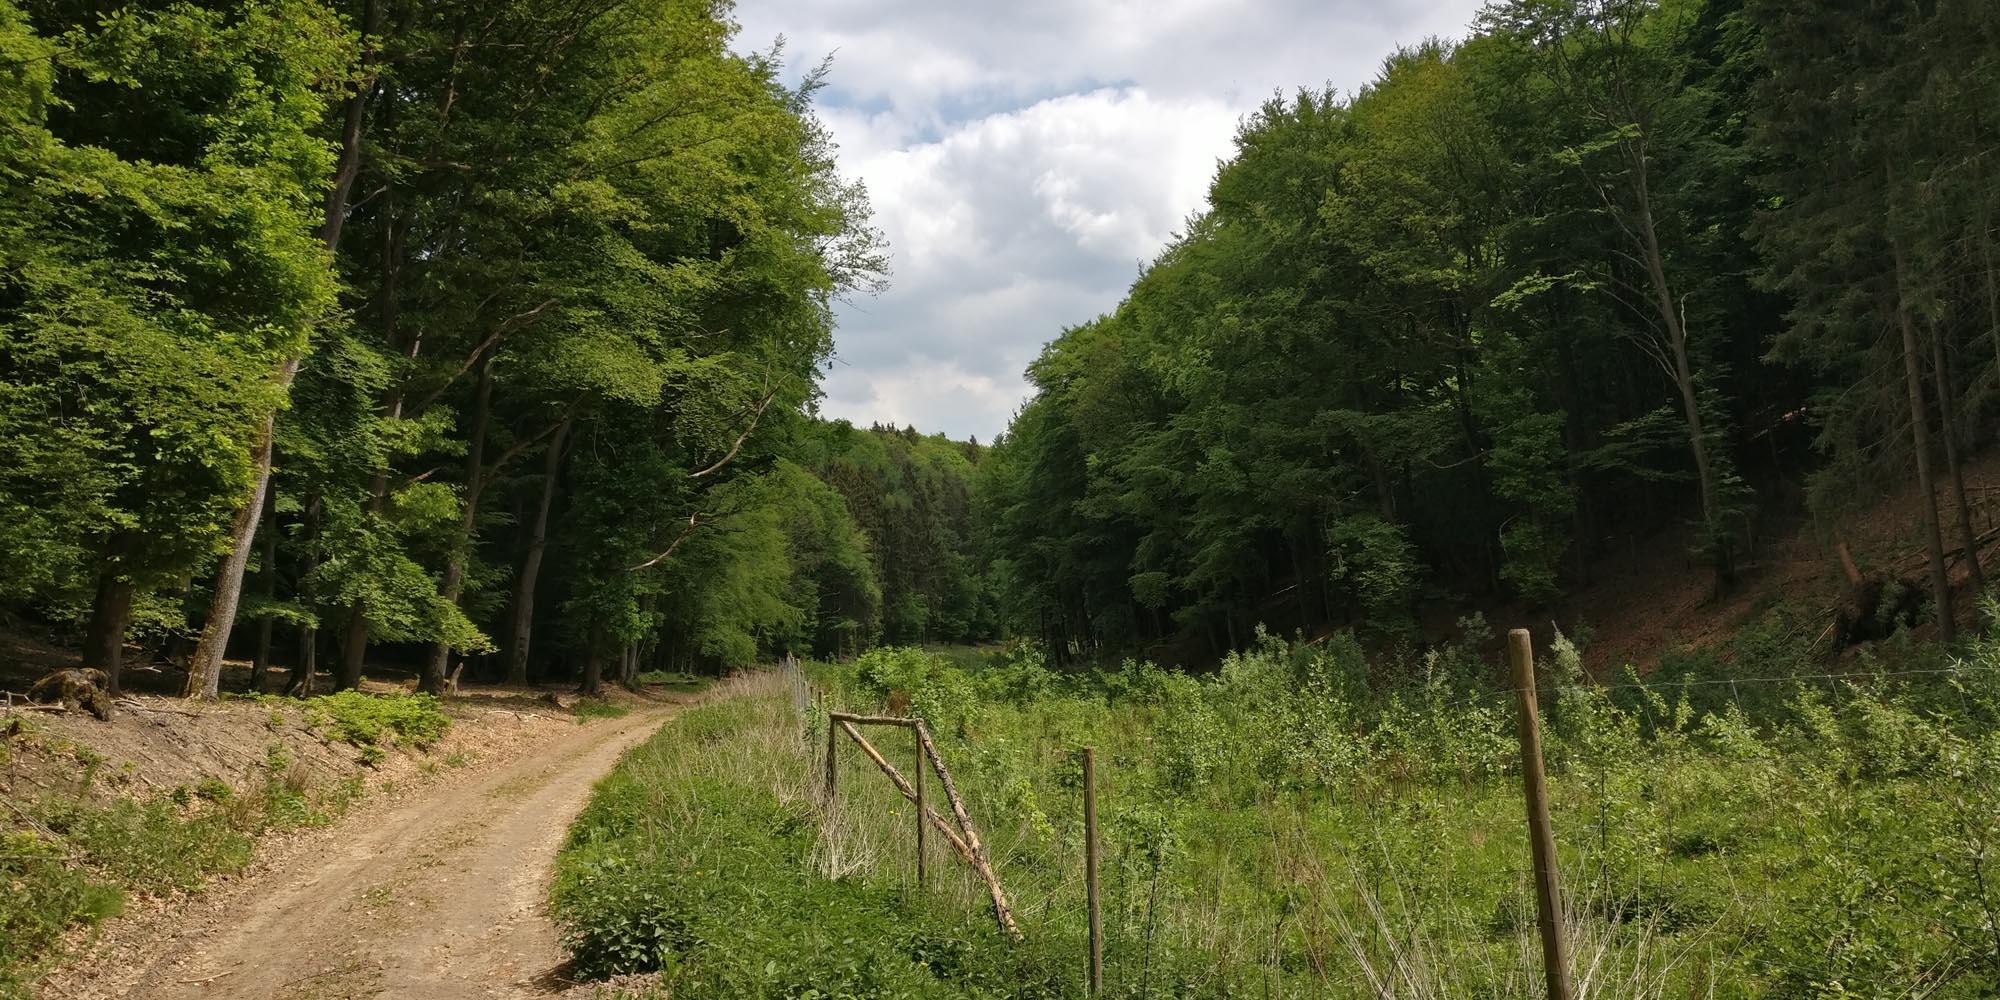 Impressionen SAHRTAL TRAIL 42K - RHEIN-AHR-MARSCH - Good Walking Club e.V. - Rheinbach